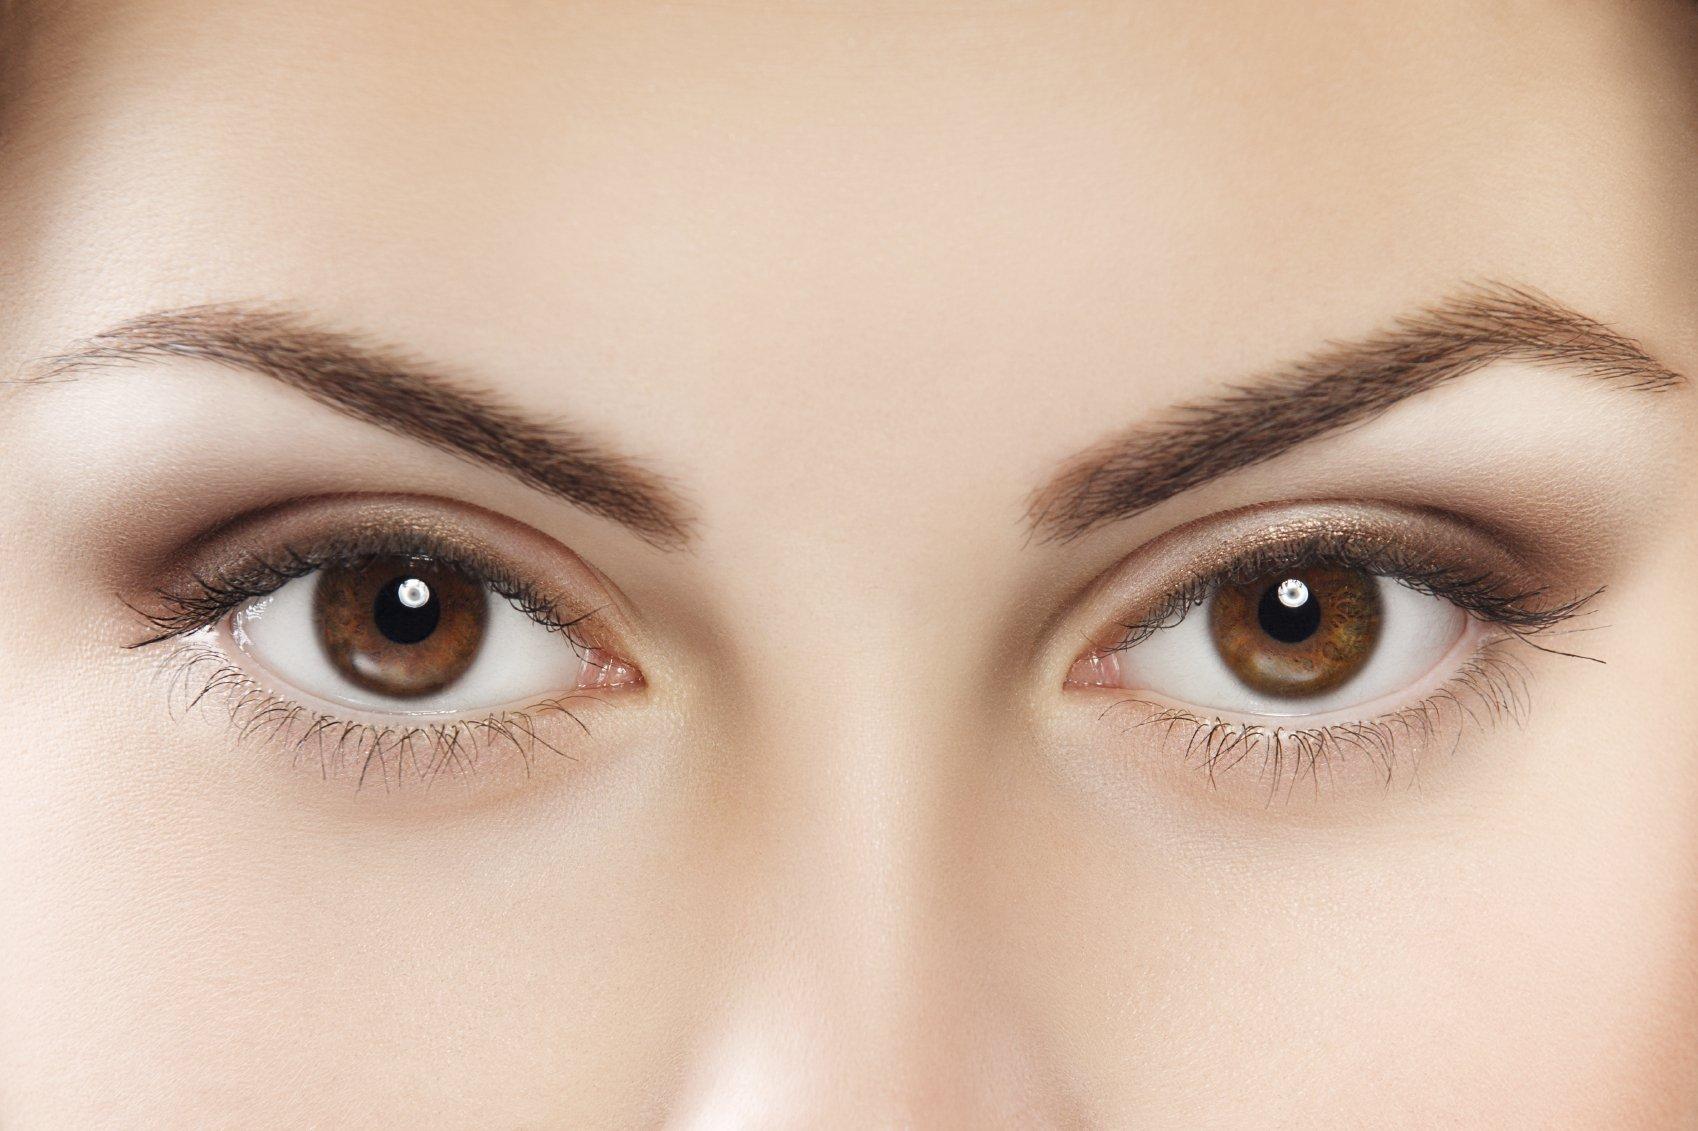 γυναίκα με καστανά μάτια